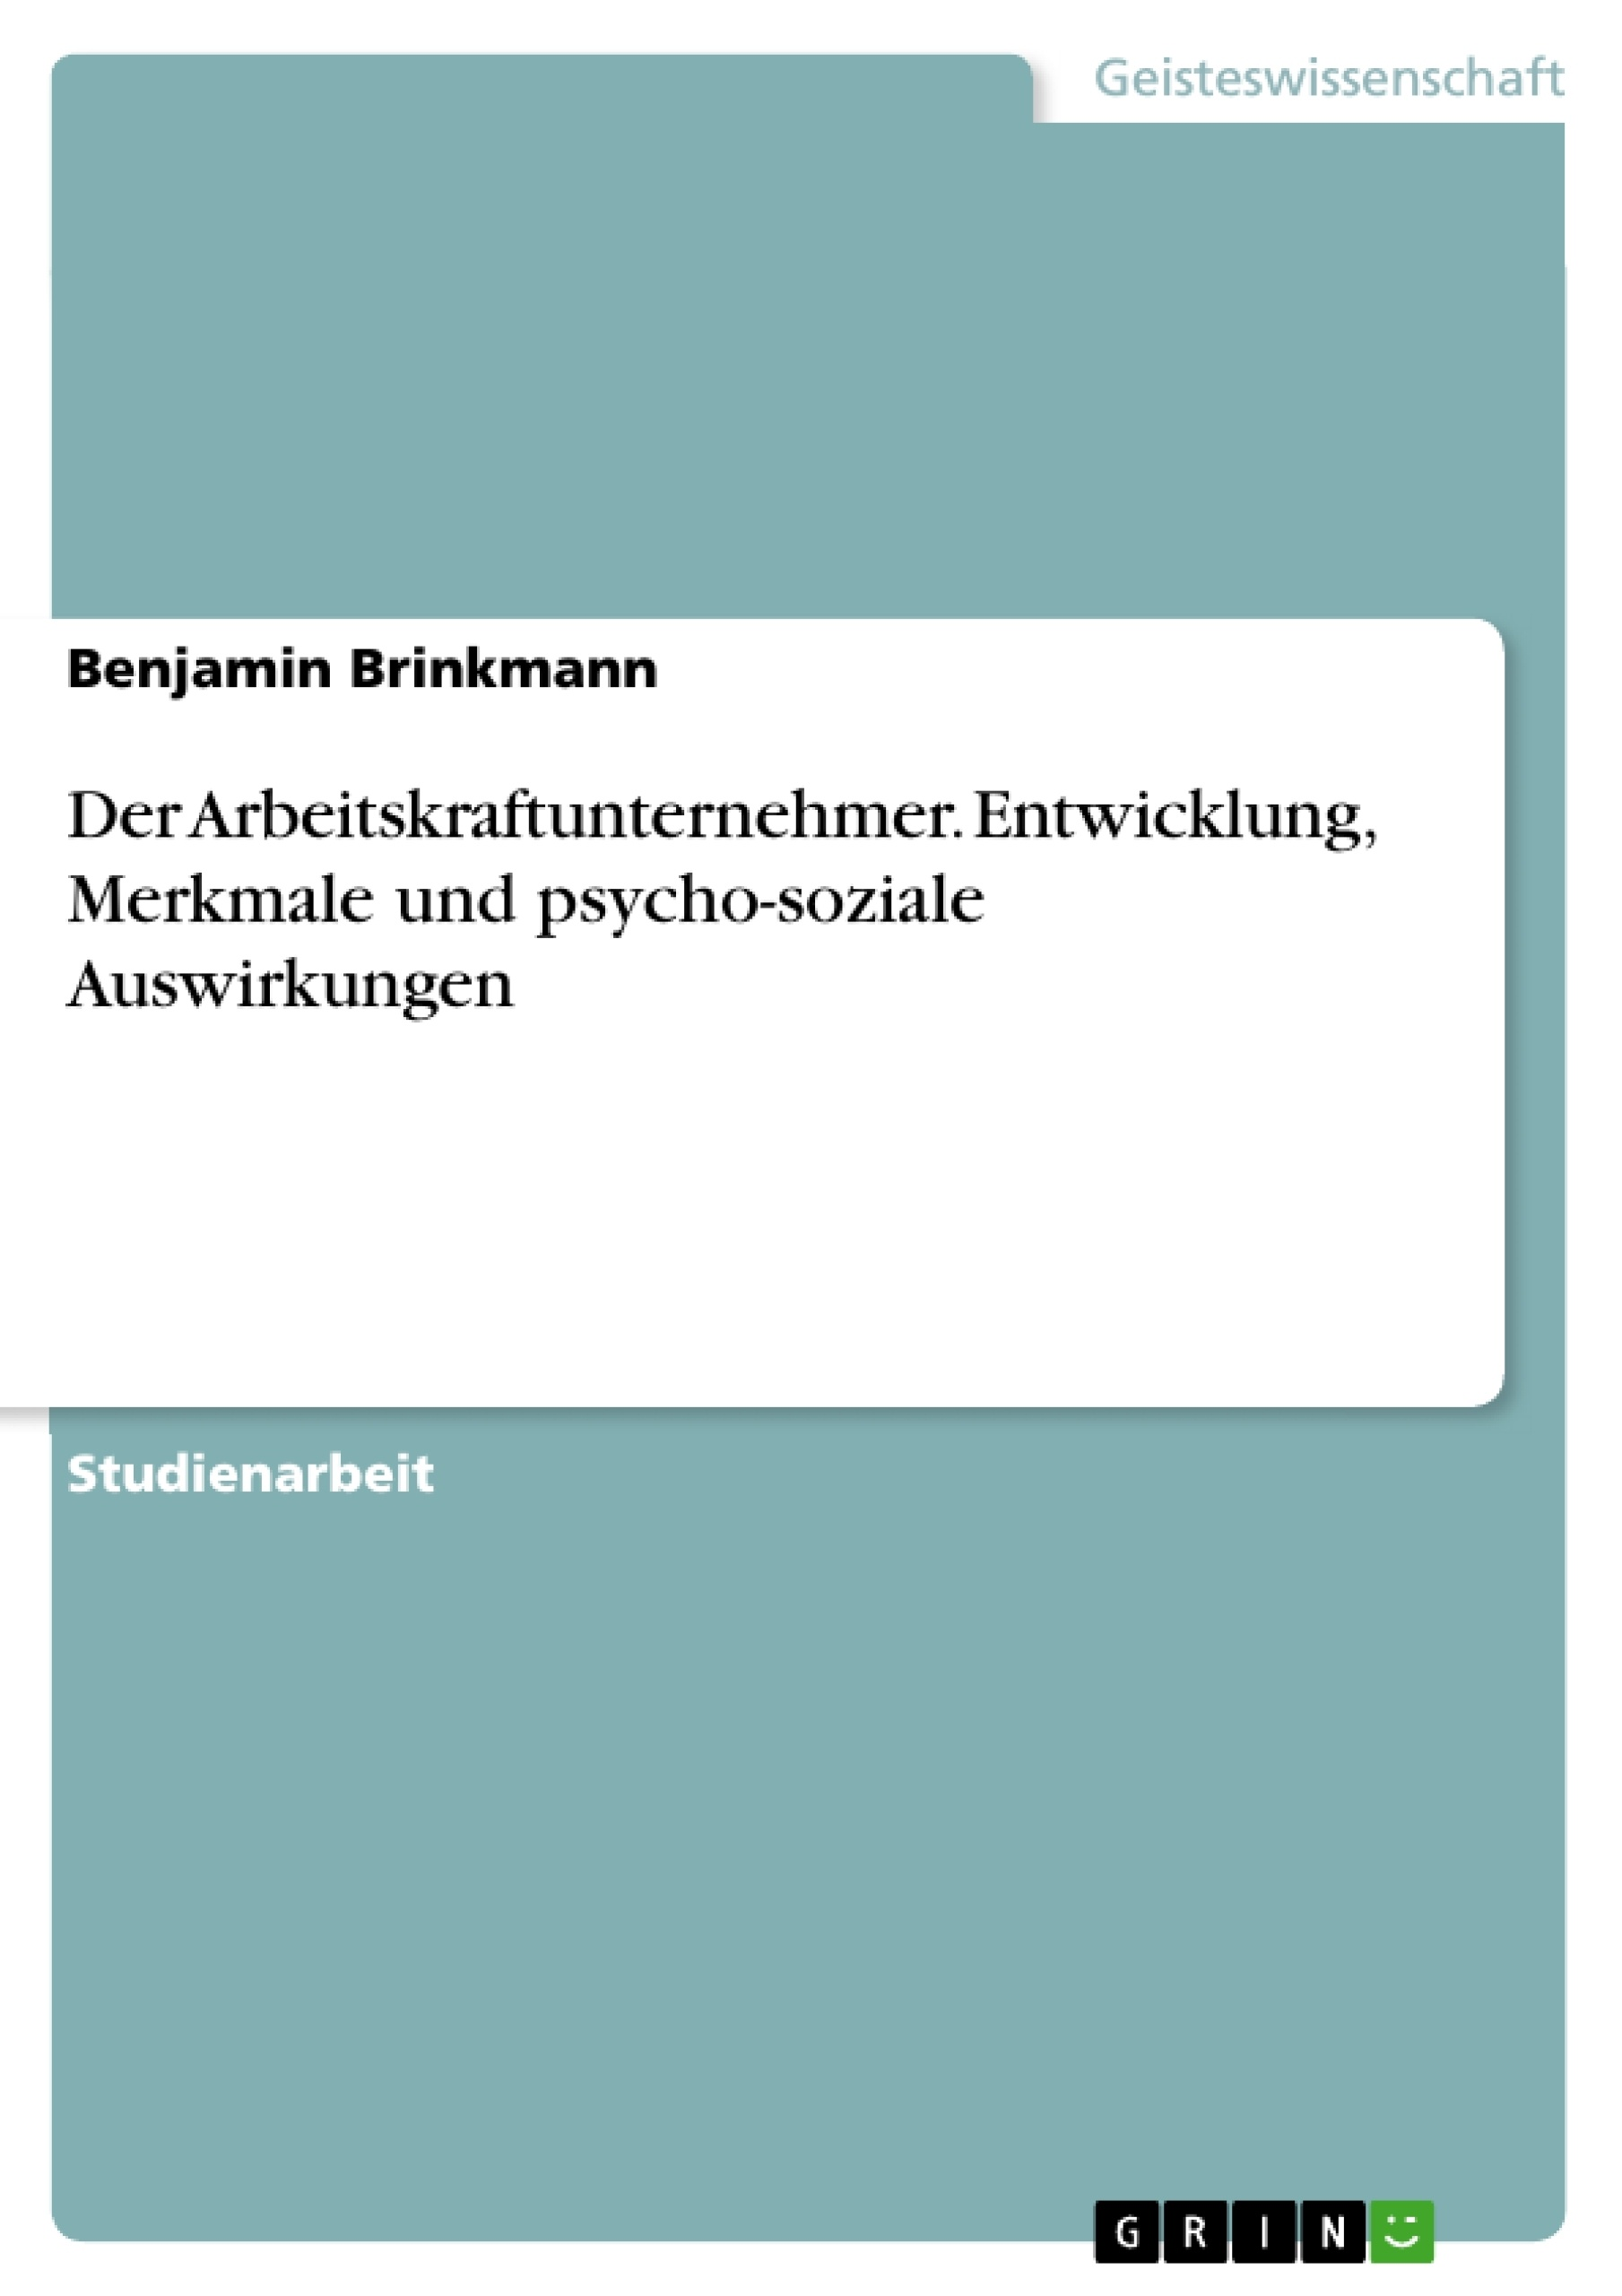 Titel: Der Arbeitskraftunternehmer. Entwicklung, Merkmale und psycho-soziale Auswirkungen